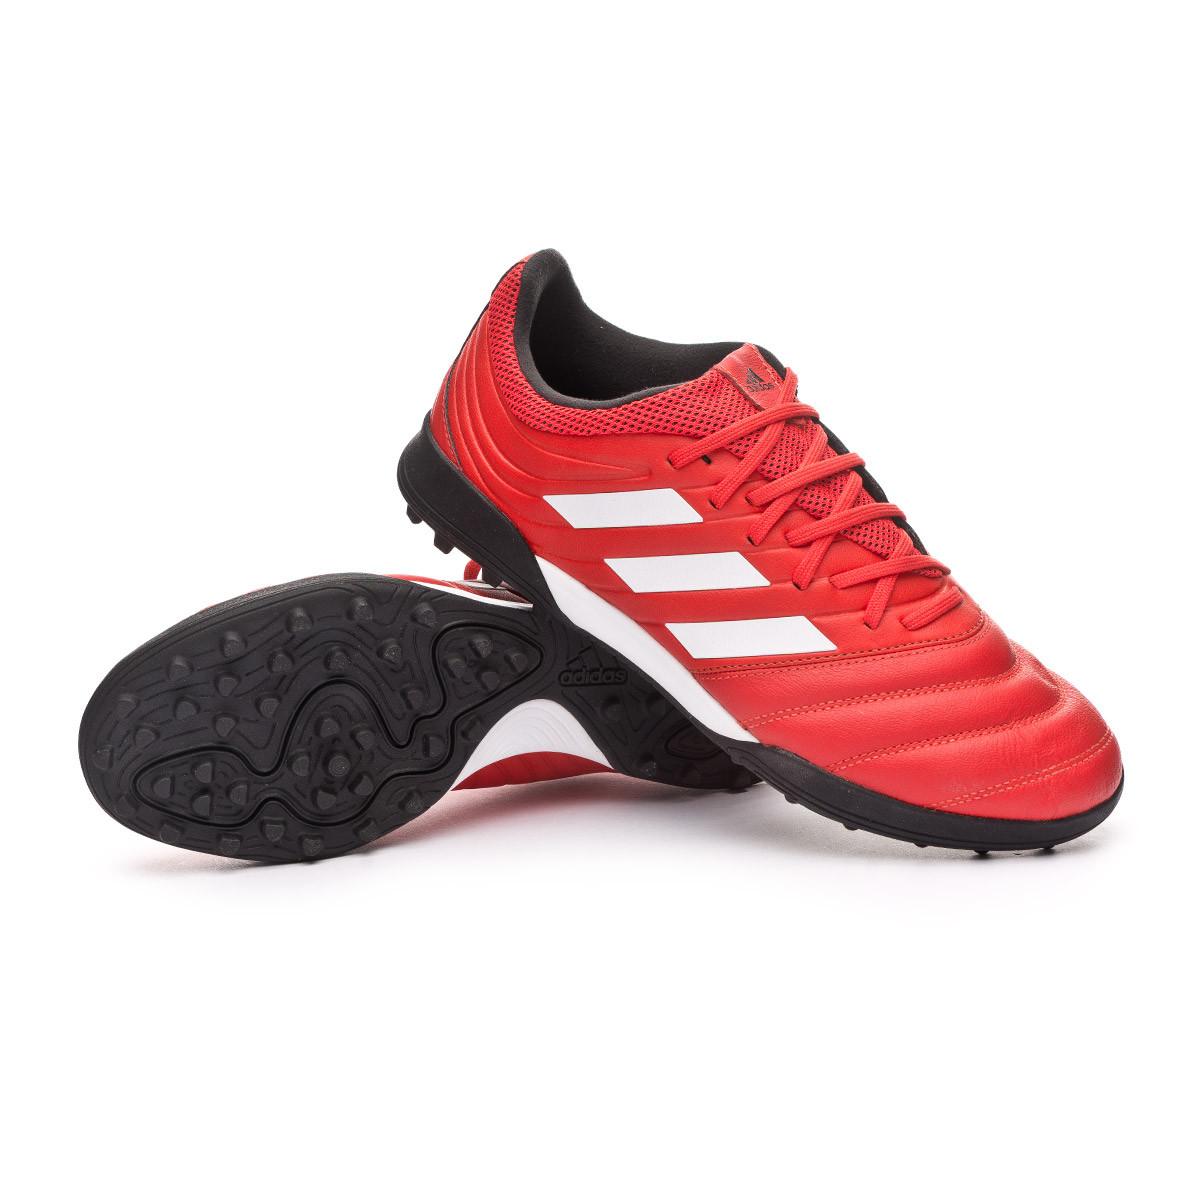 amistad Latón tranquilo  Bota de fútbol adidas Copa 20.3 Turf Active red-White-Core black - Tienda  de fútbol Fútbol Emotion